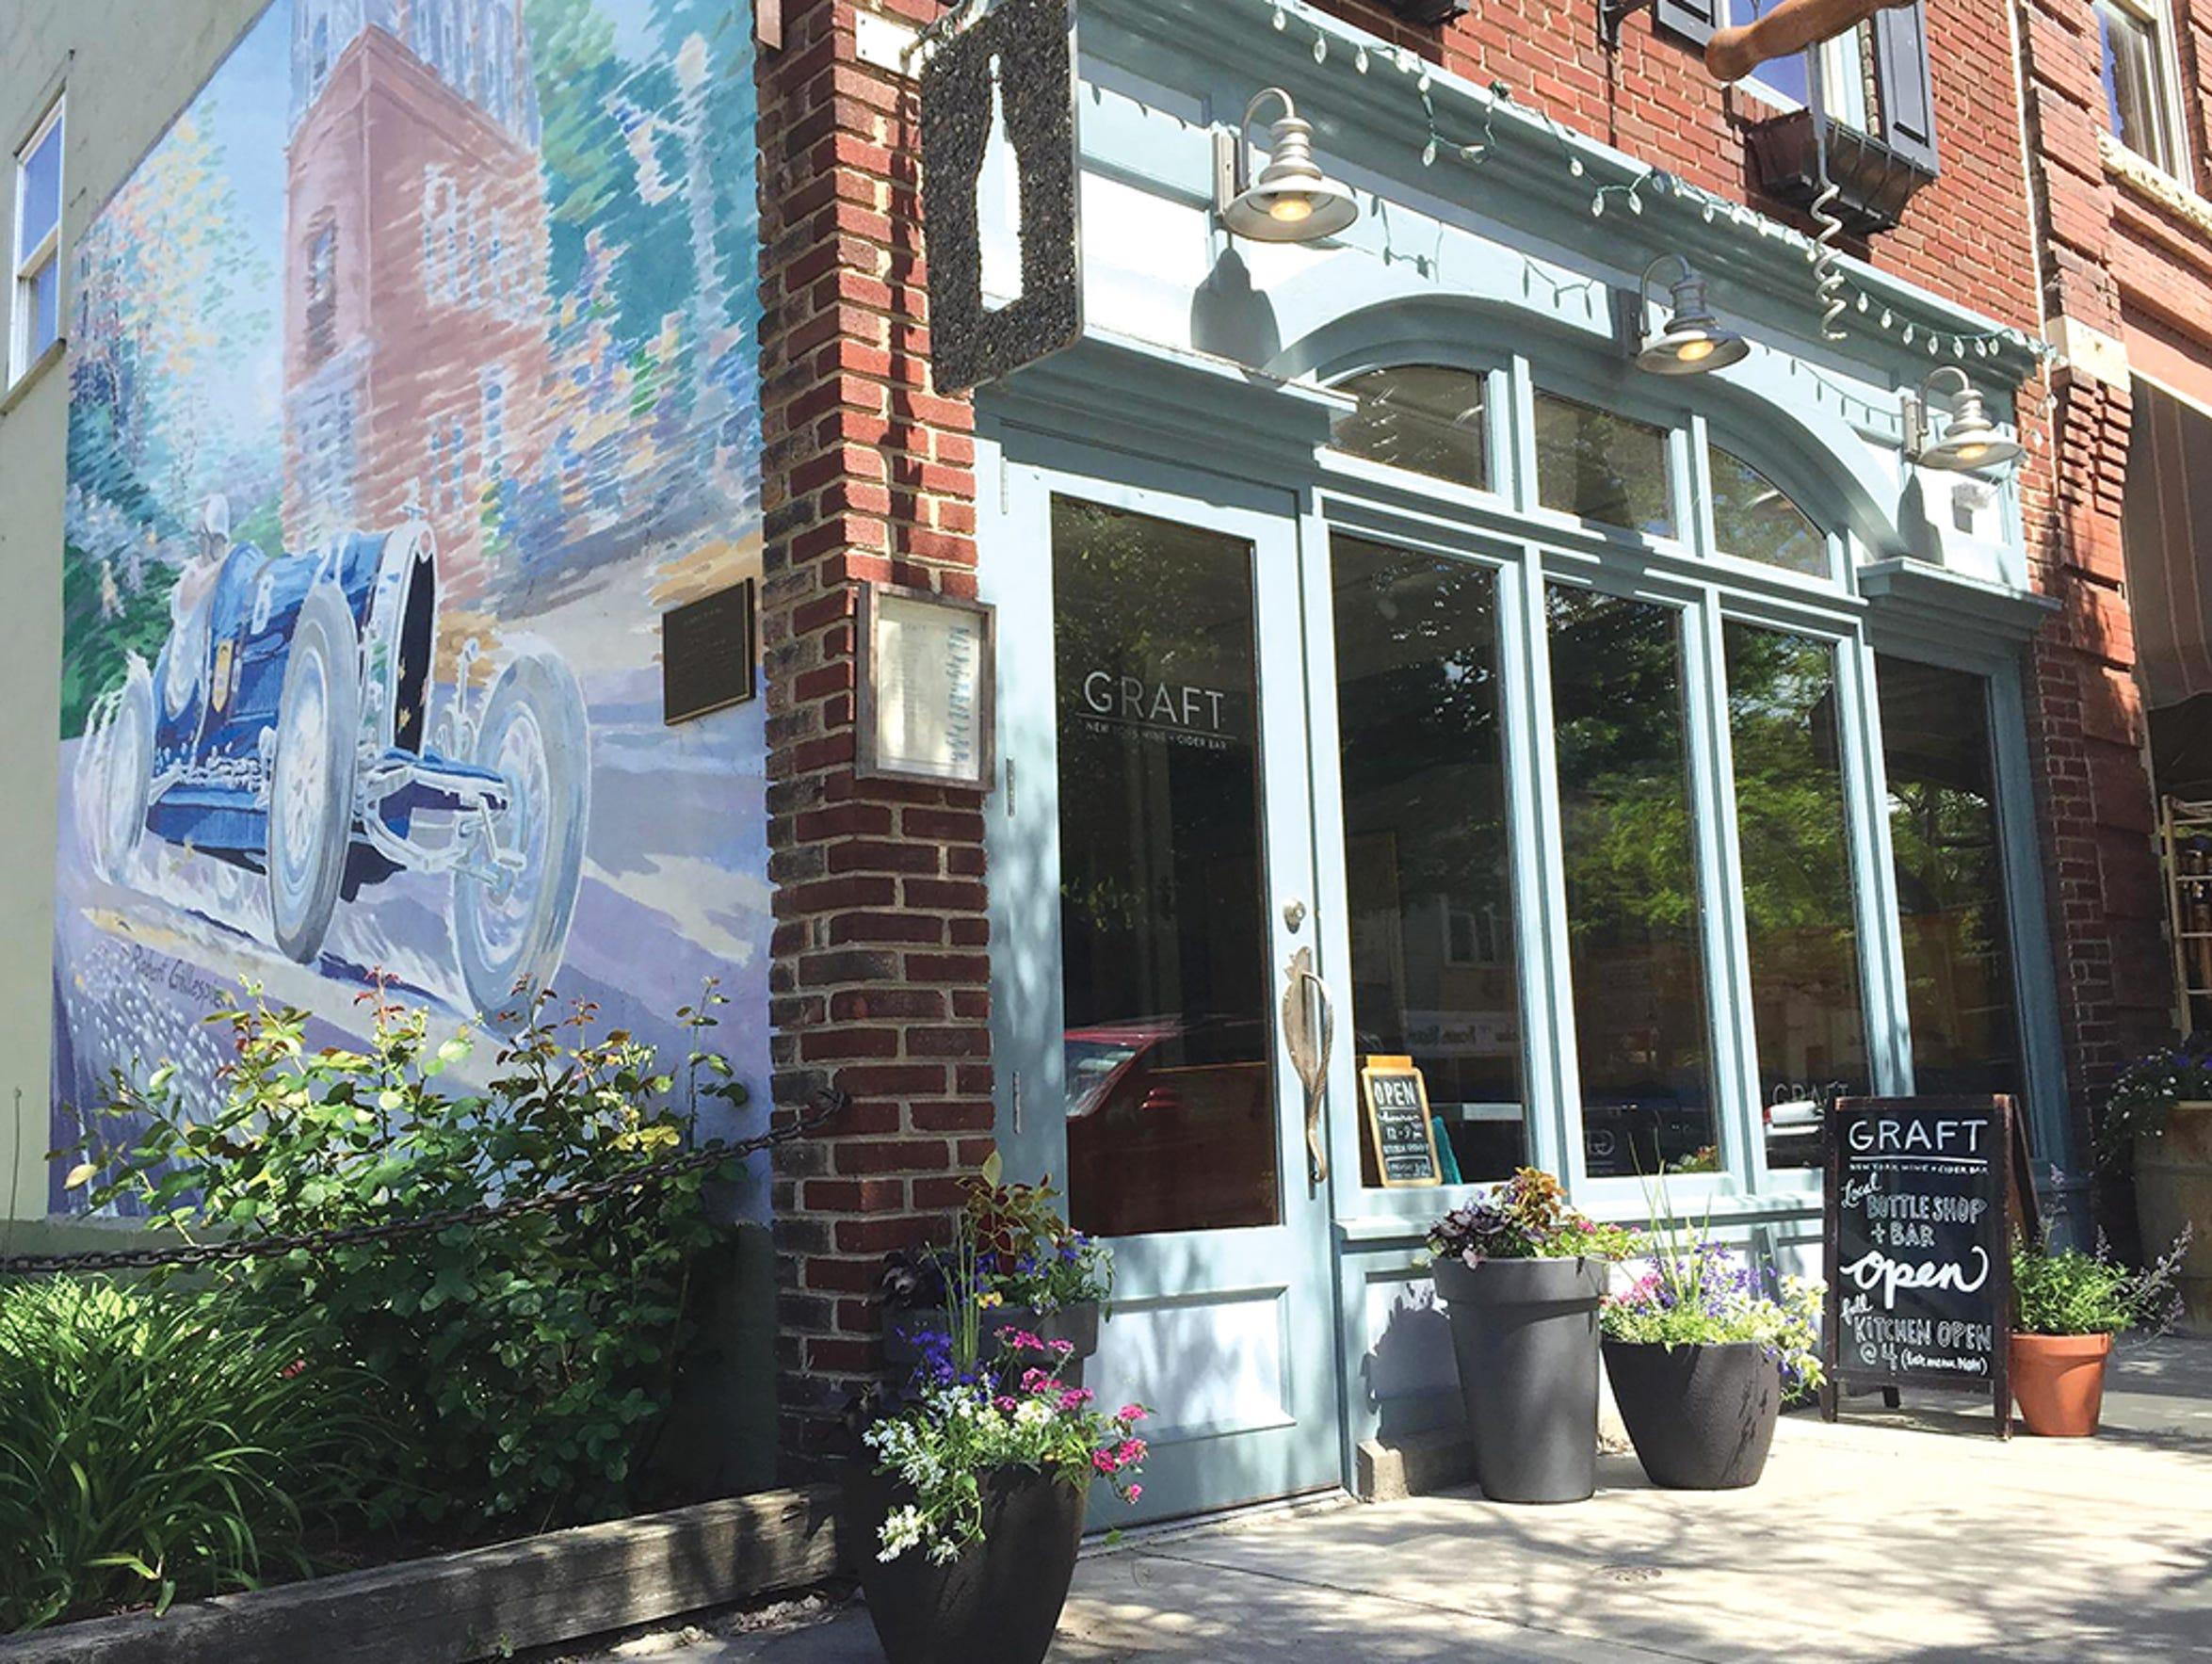 GRAFT wine + cider bar in Watkins Glen.